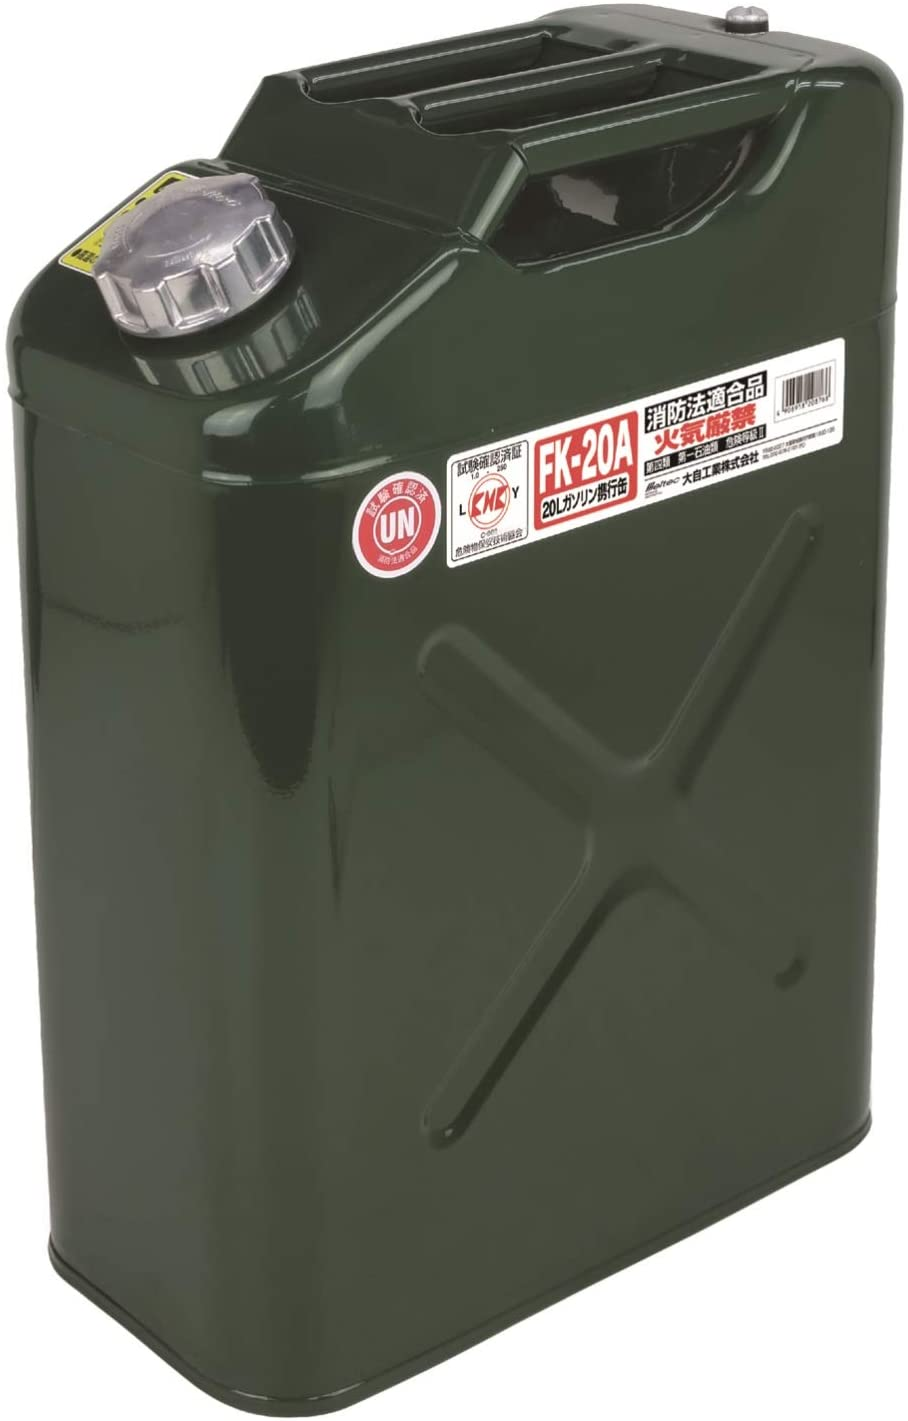 ガソリン携行缶 ついに入荷 20l 自動車 縦型 信憑 消防法適合品 KHK 大自工業 0.8mm UN 鋼鈑厚み 亜鉛メッキ鋼鈑 FK20A